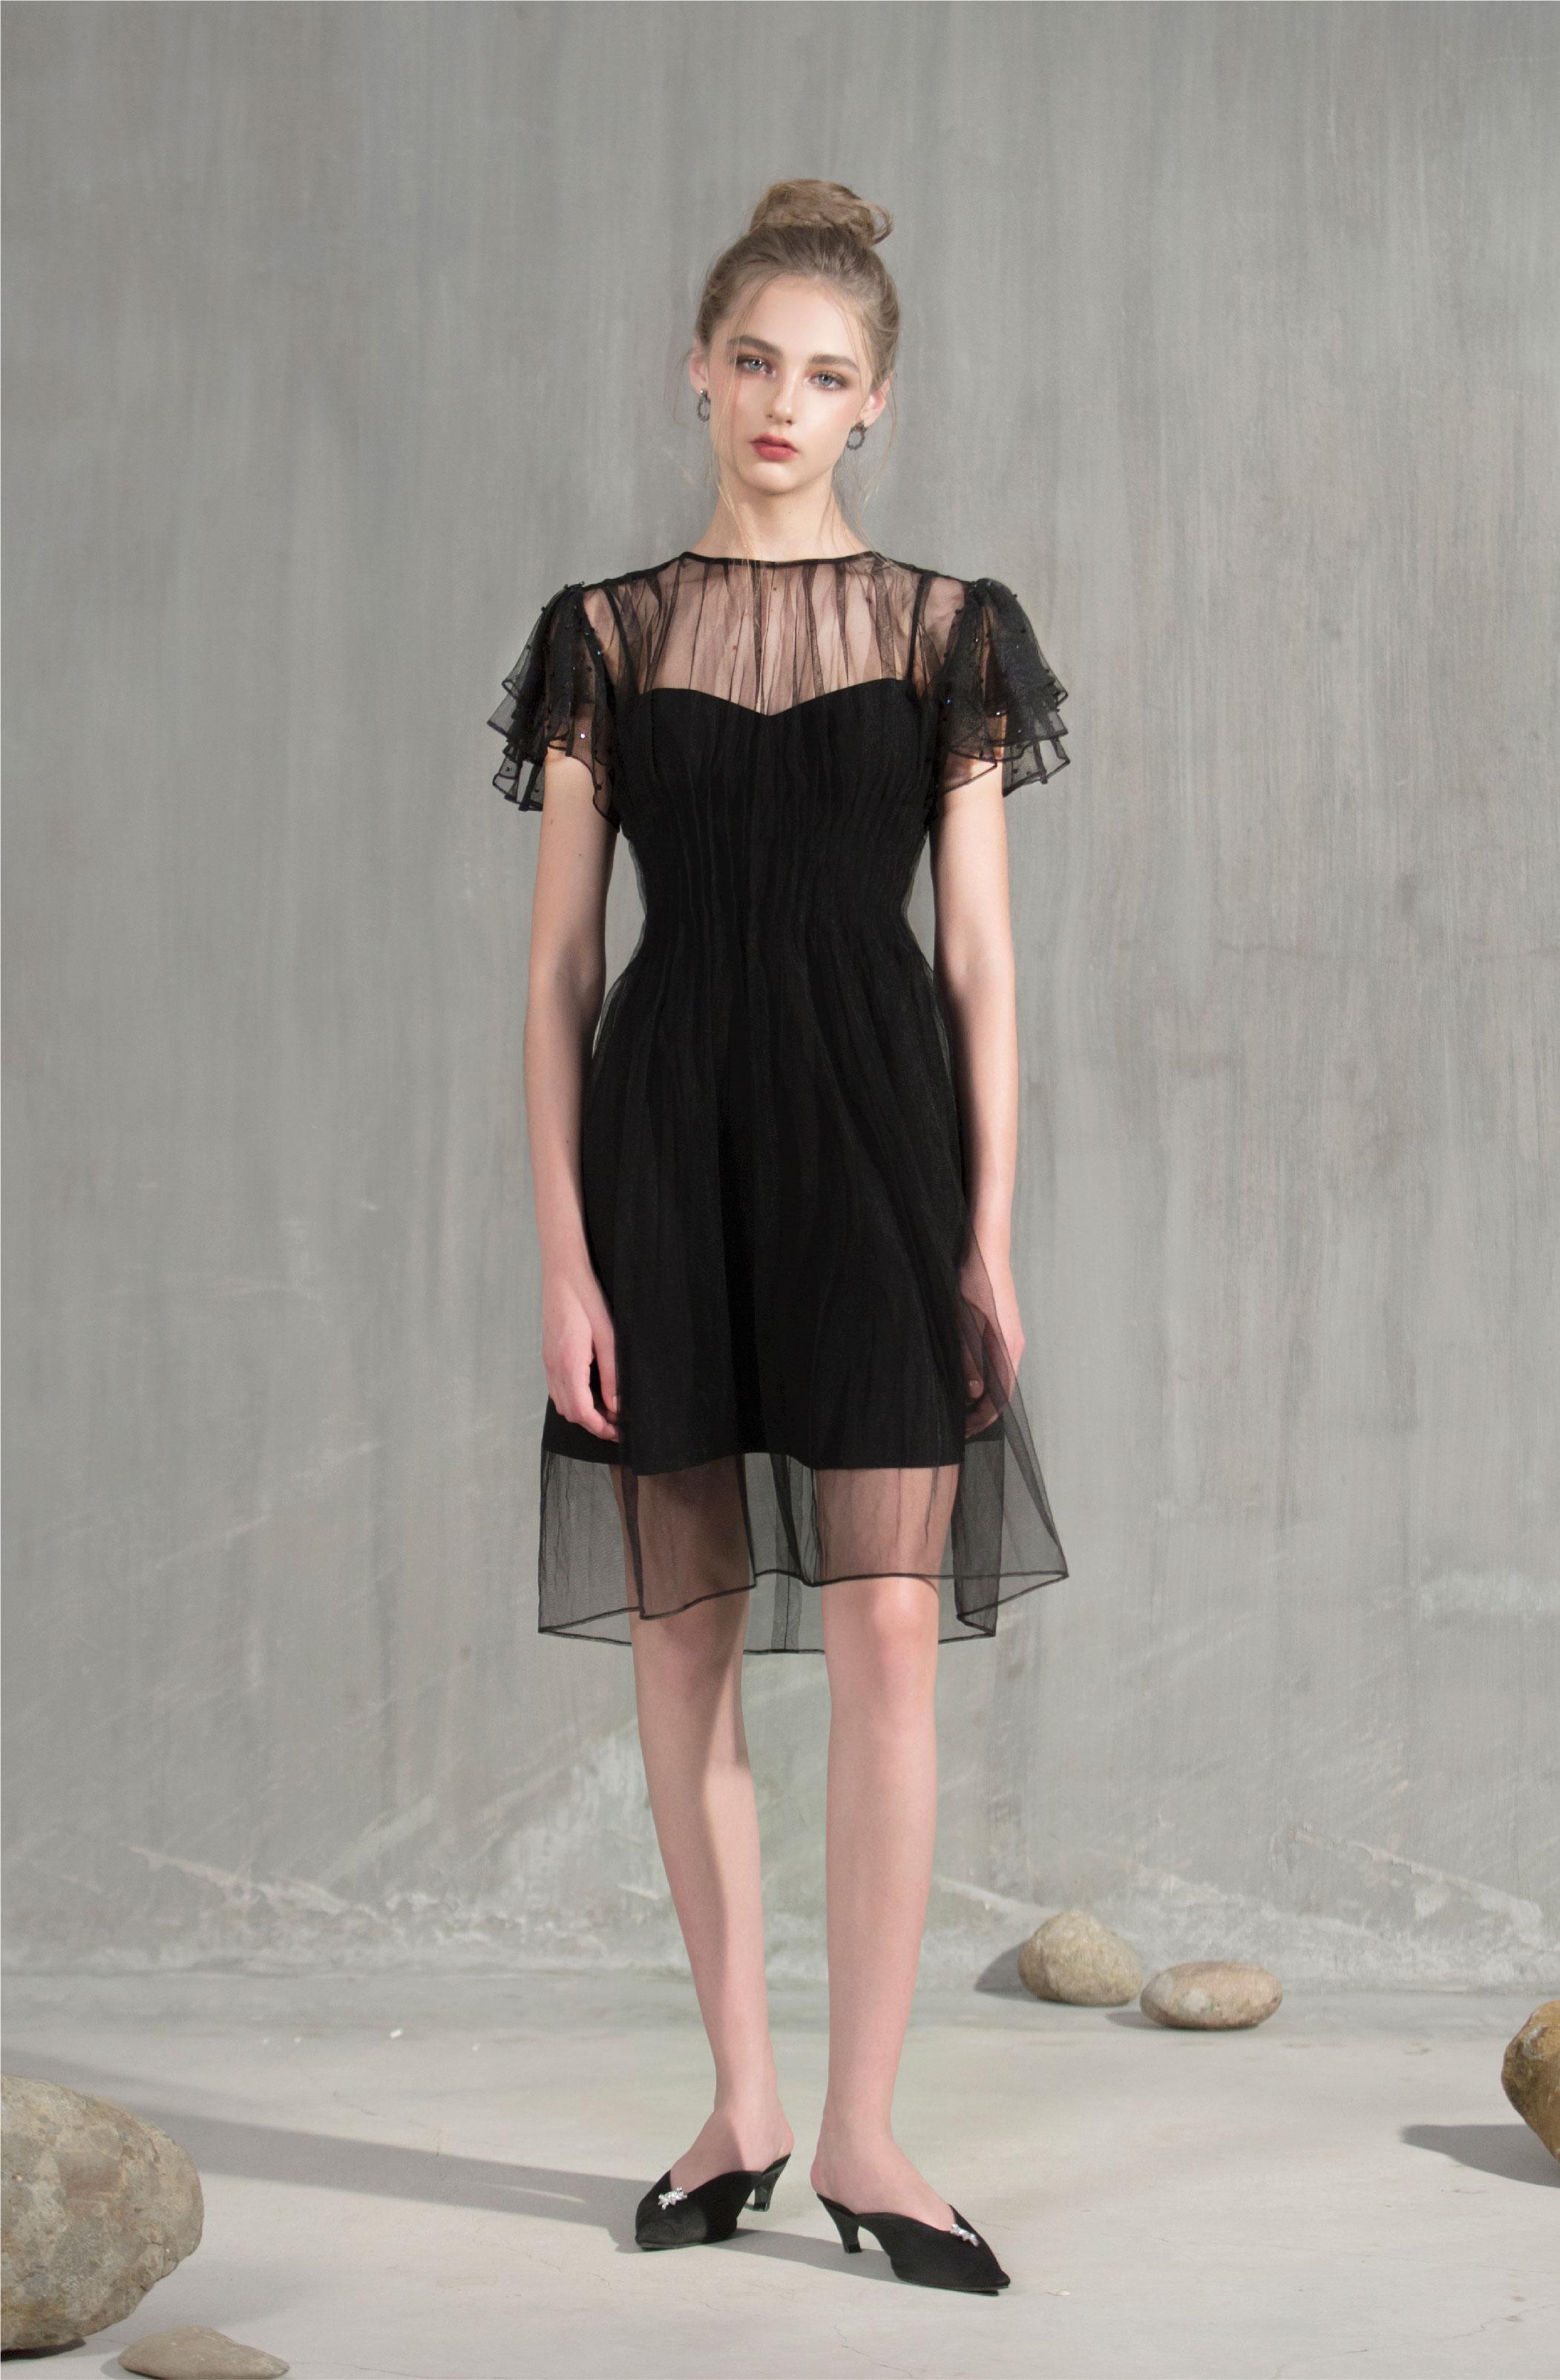 Ngôn ngữ thiết kế giàu cảm hứng thời trang hiện đại là tinh thần làm nên BST mới